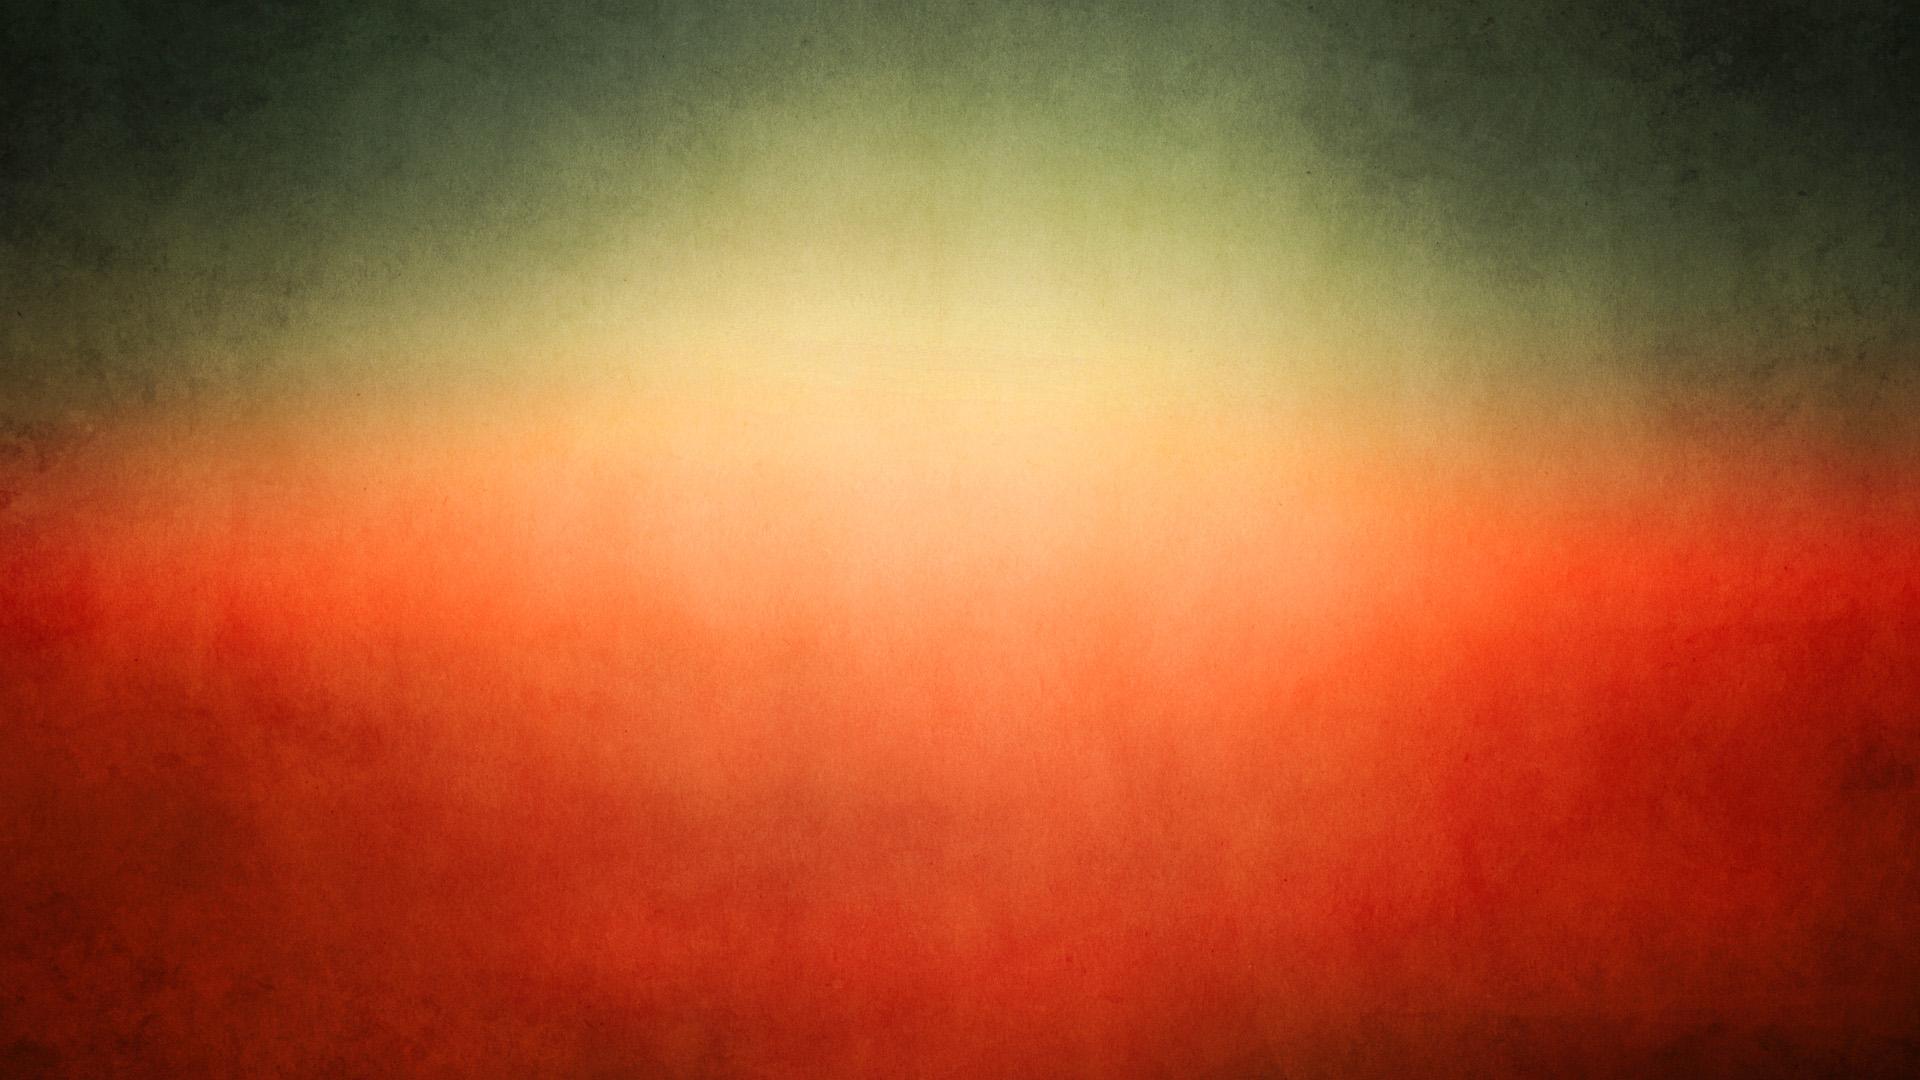 HD wallpapers ipad air wallpaper pink